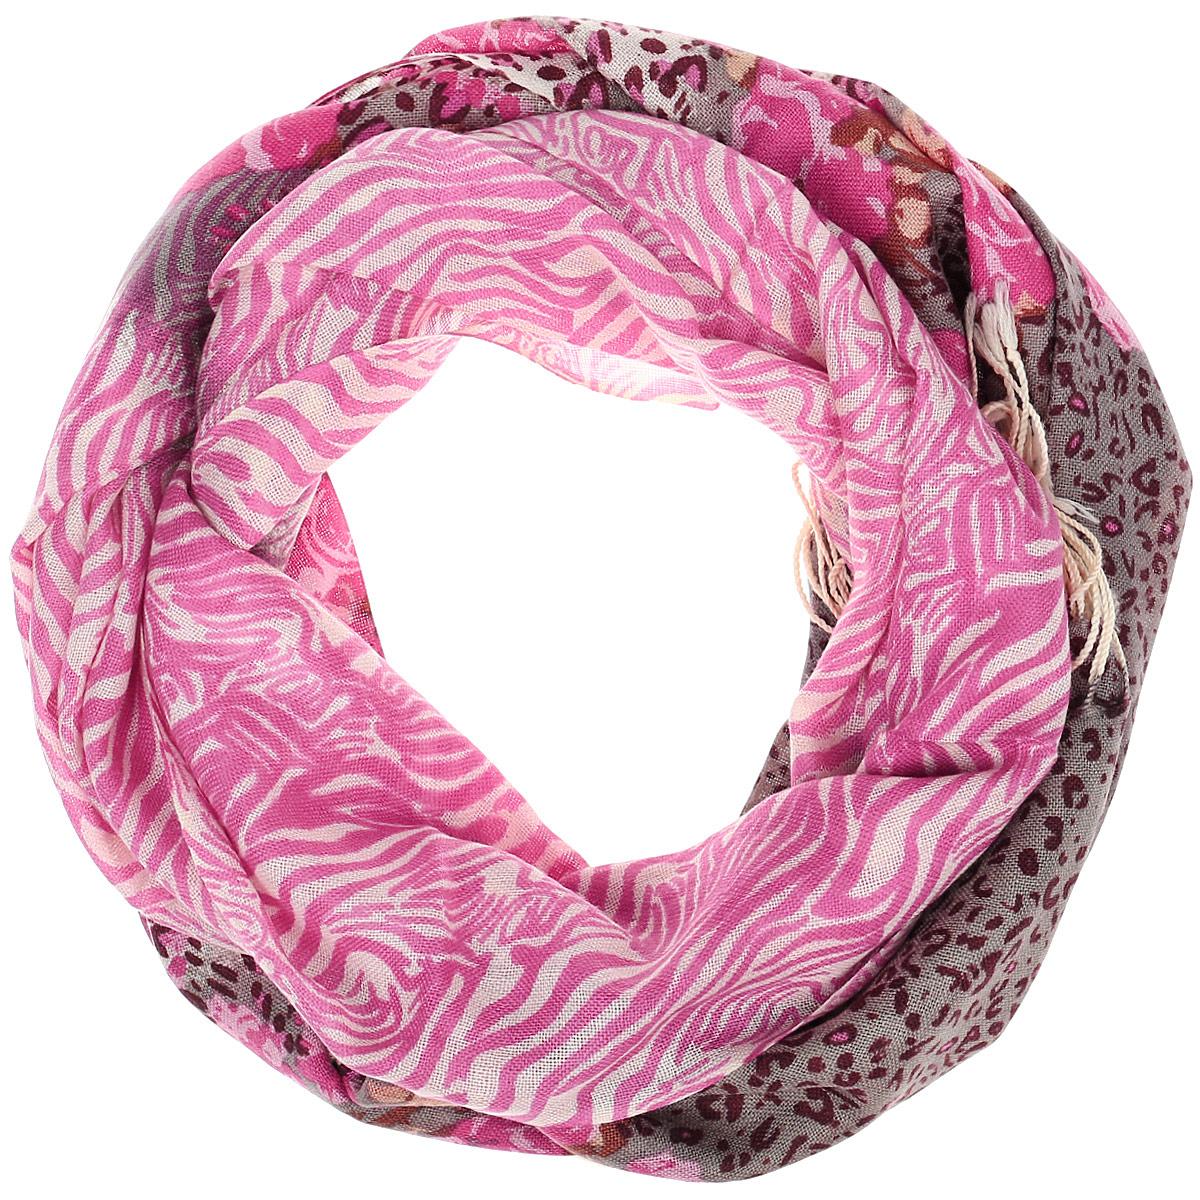 102Ш1_70х180_104Палантин Sabellino выполнен из мягкой 100% шерсти, оформлен узорным принтом. Края изделия декорированы тонкими кисточками, скрученными в жгутики.